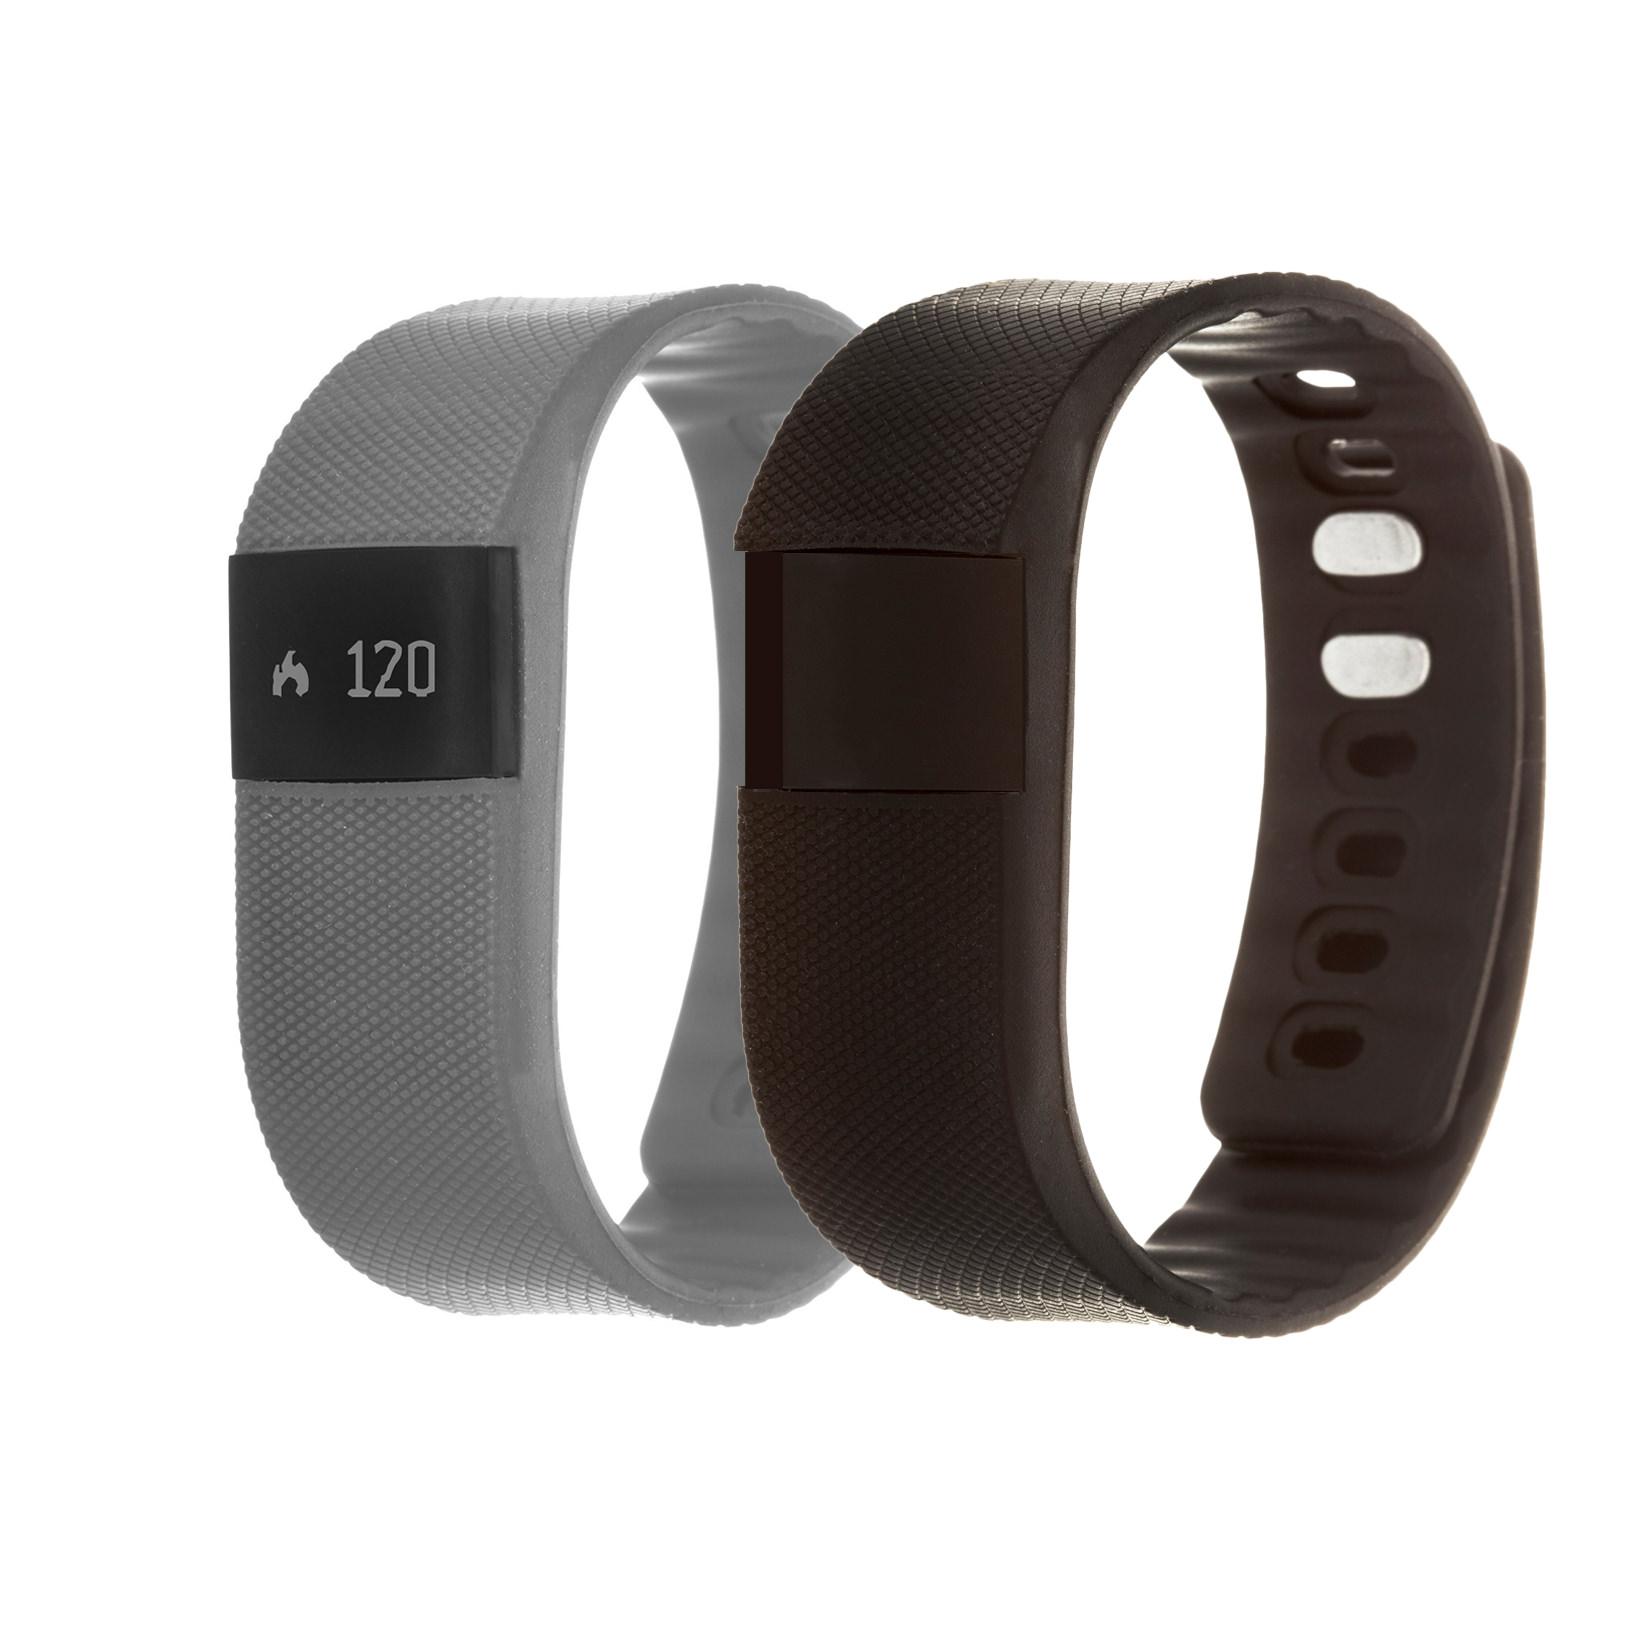 Zunammy Activity Tracker Watch with Bonus Interchangeable Band